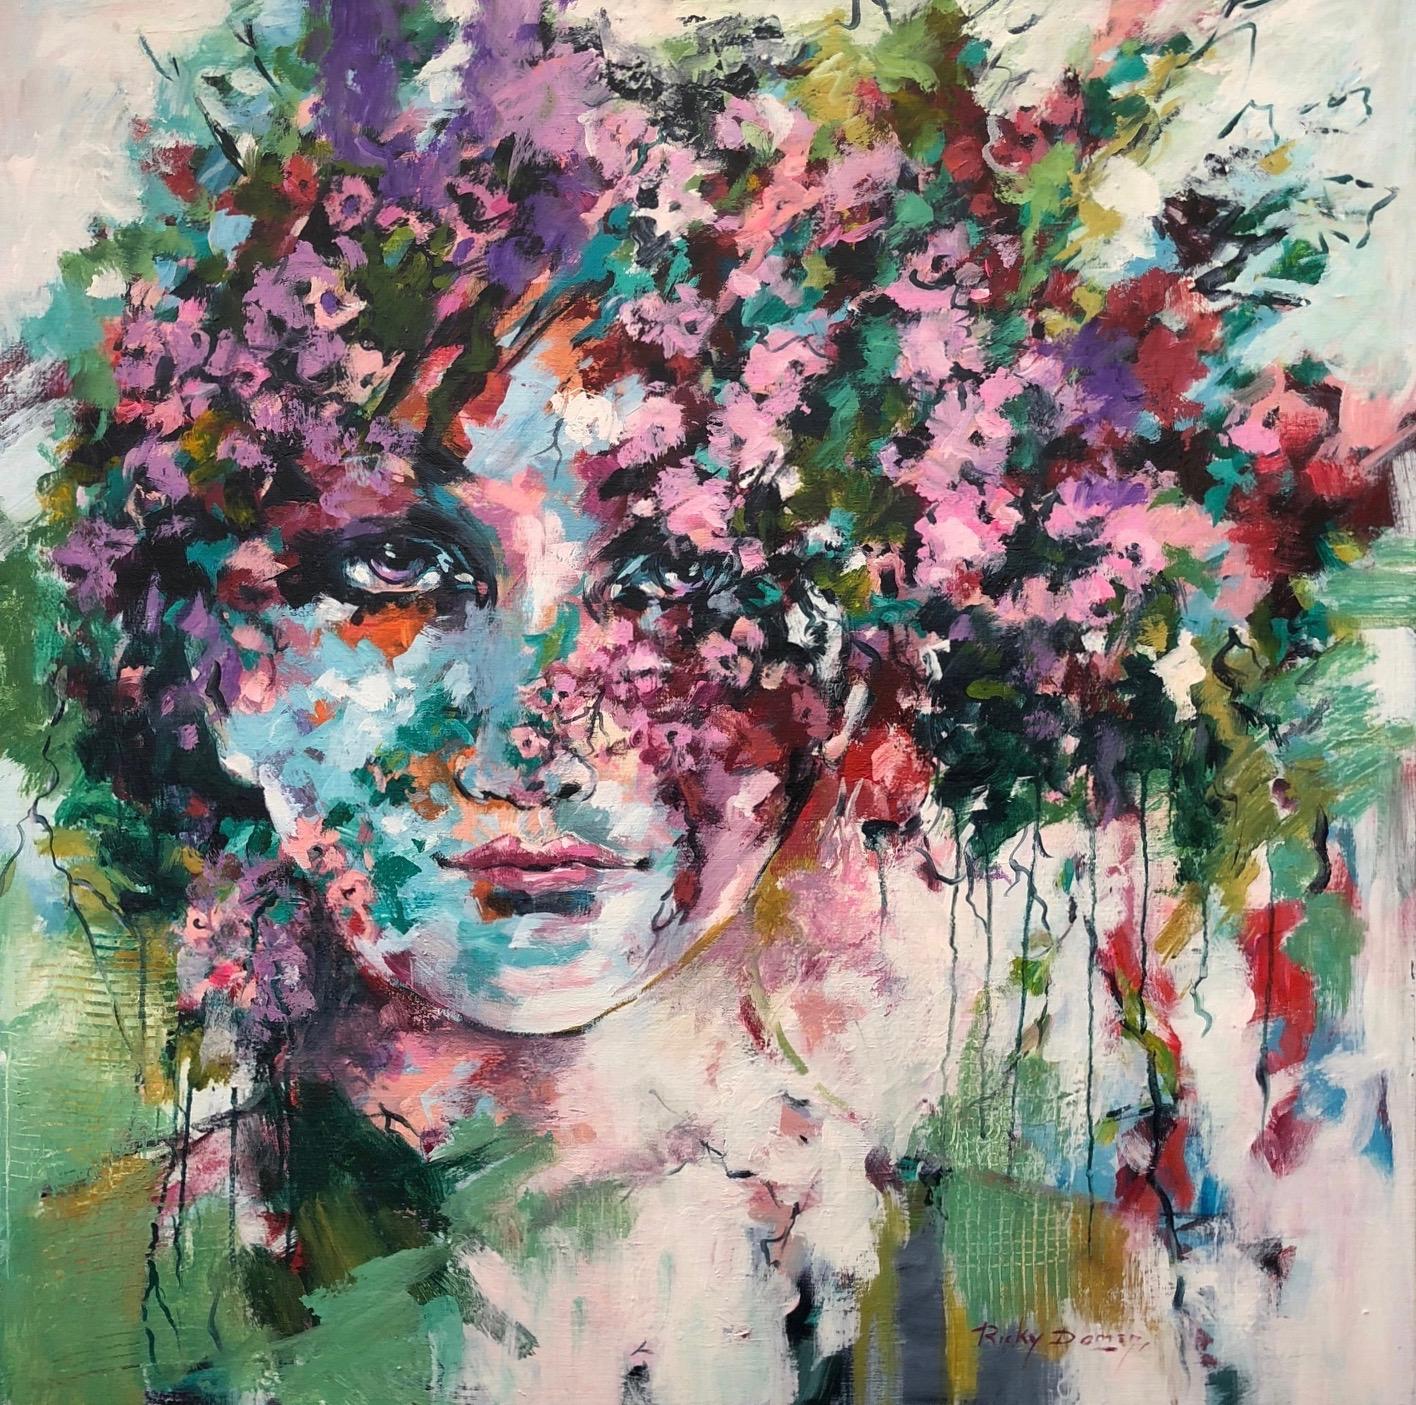 Ricky Damen schilderij 'Flowerface'